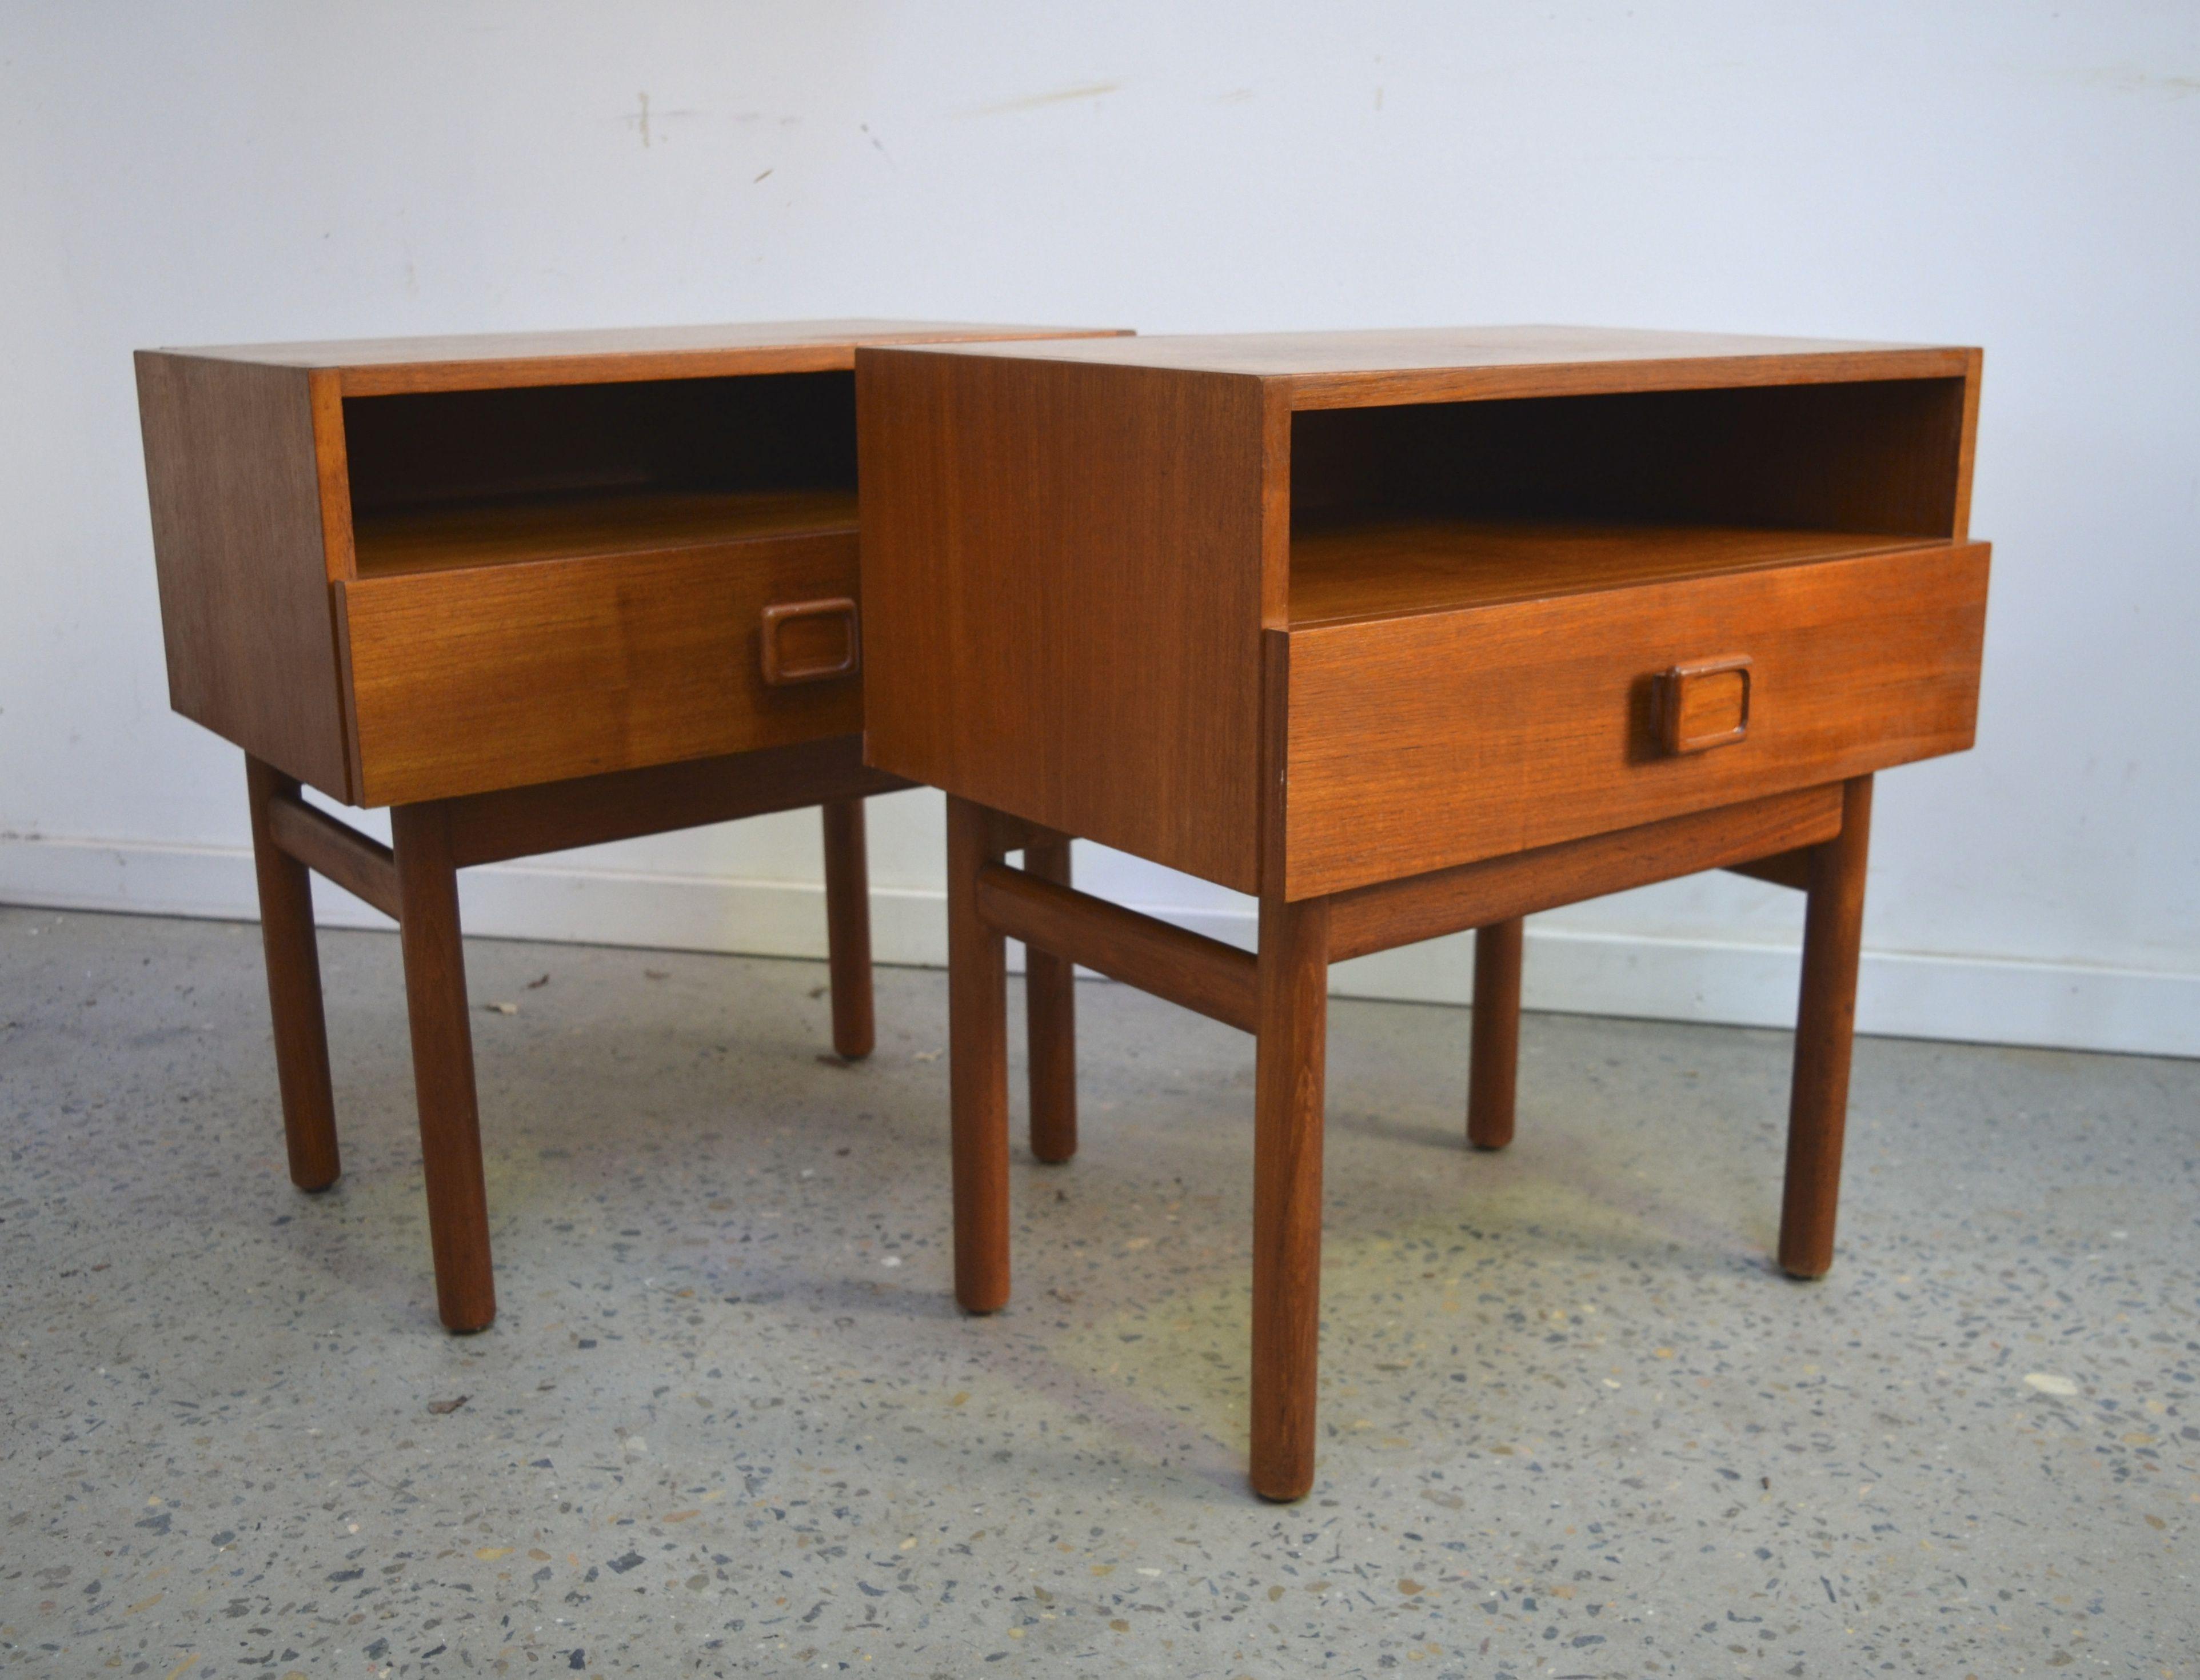 Parker Bedside Tables Www Tangerineandteal Com Parker Furniture Mid Century Danish Furniture Danish Furniture Design